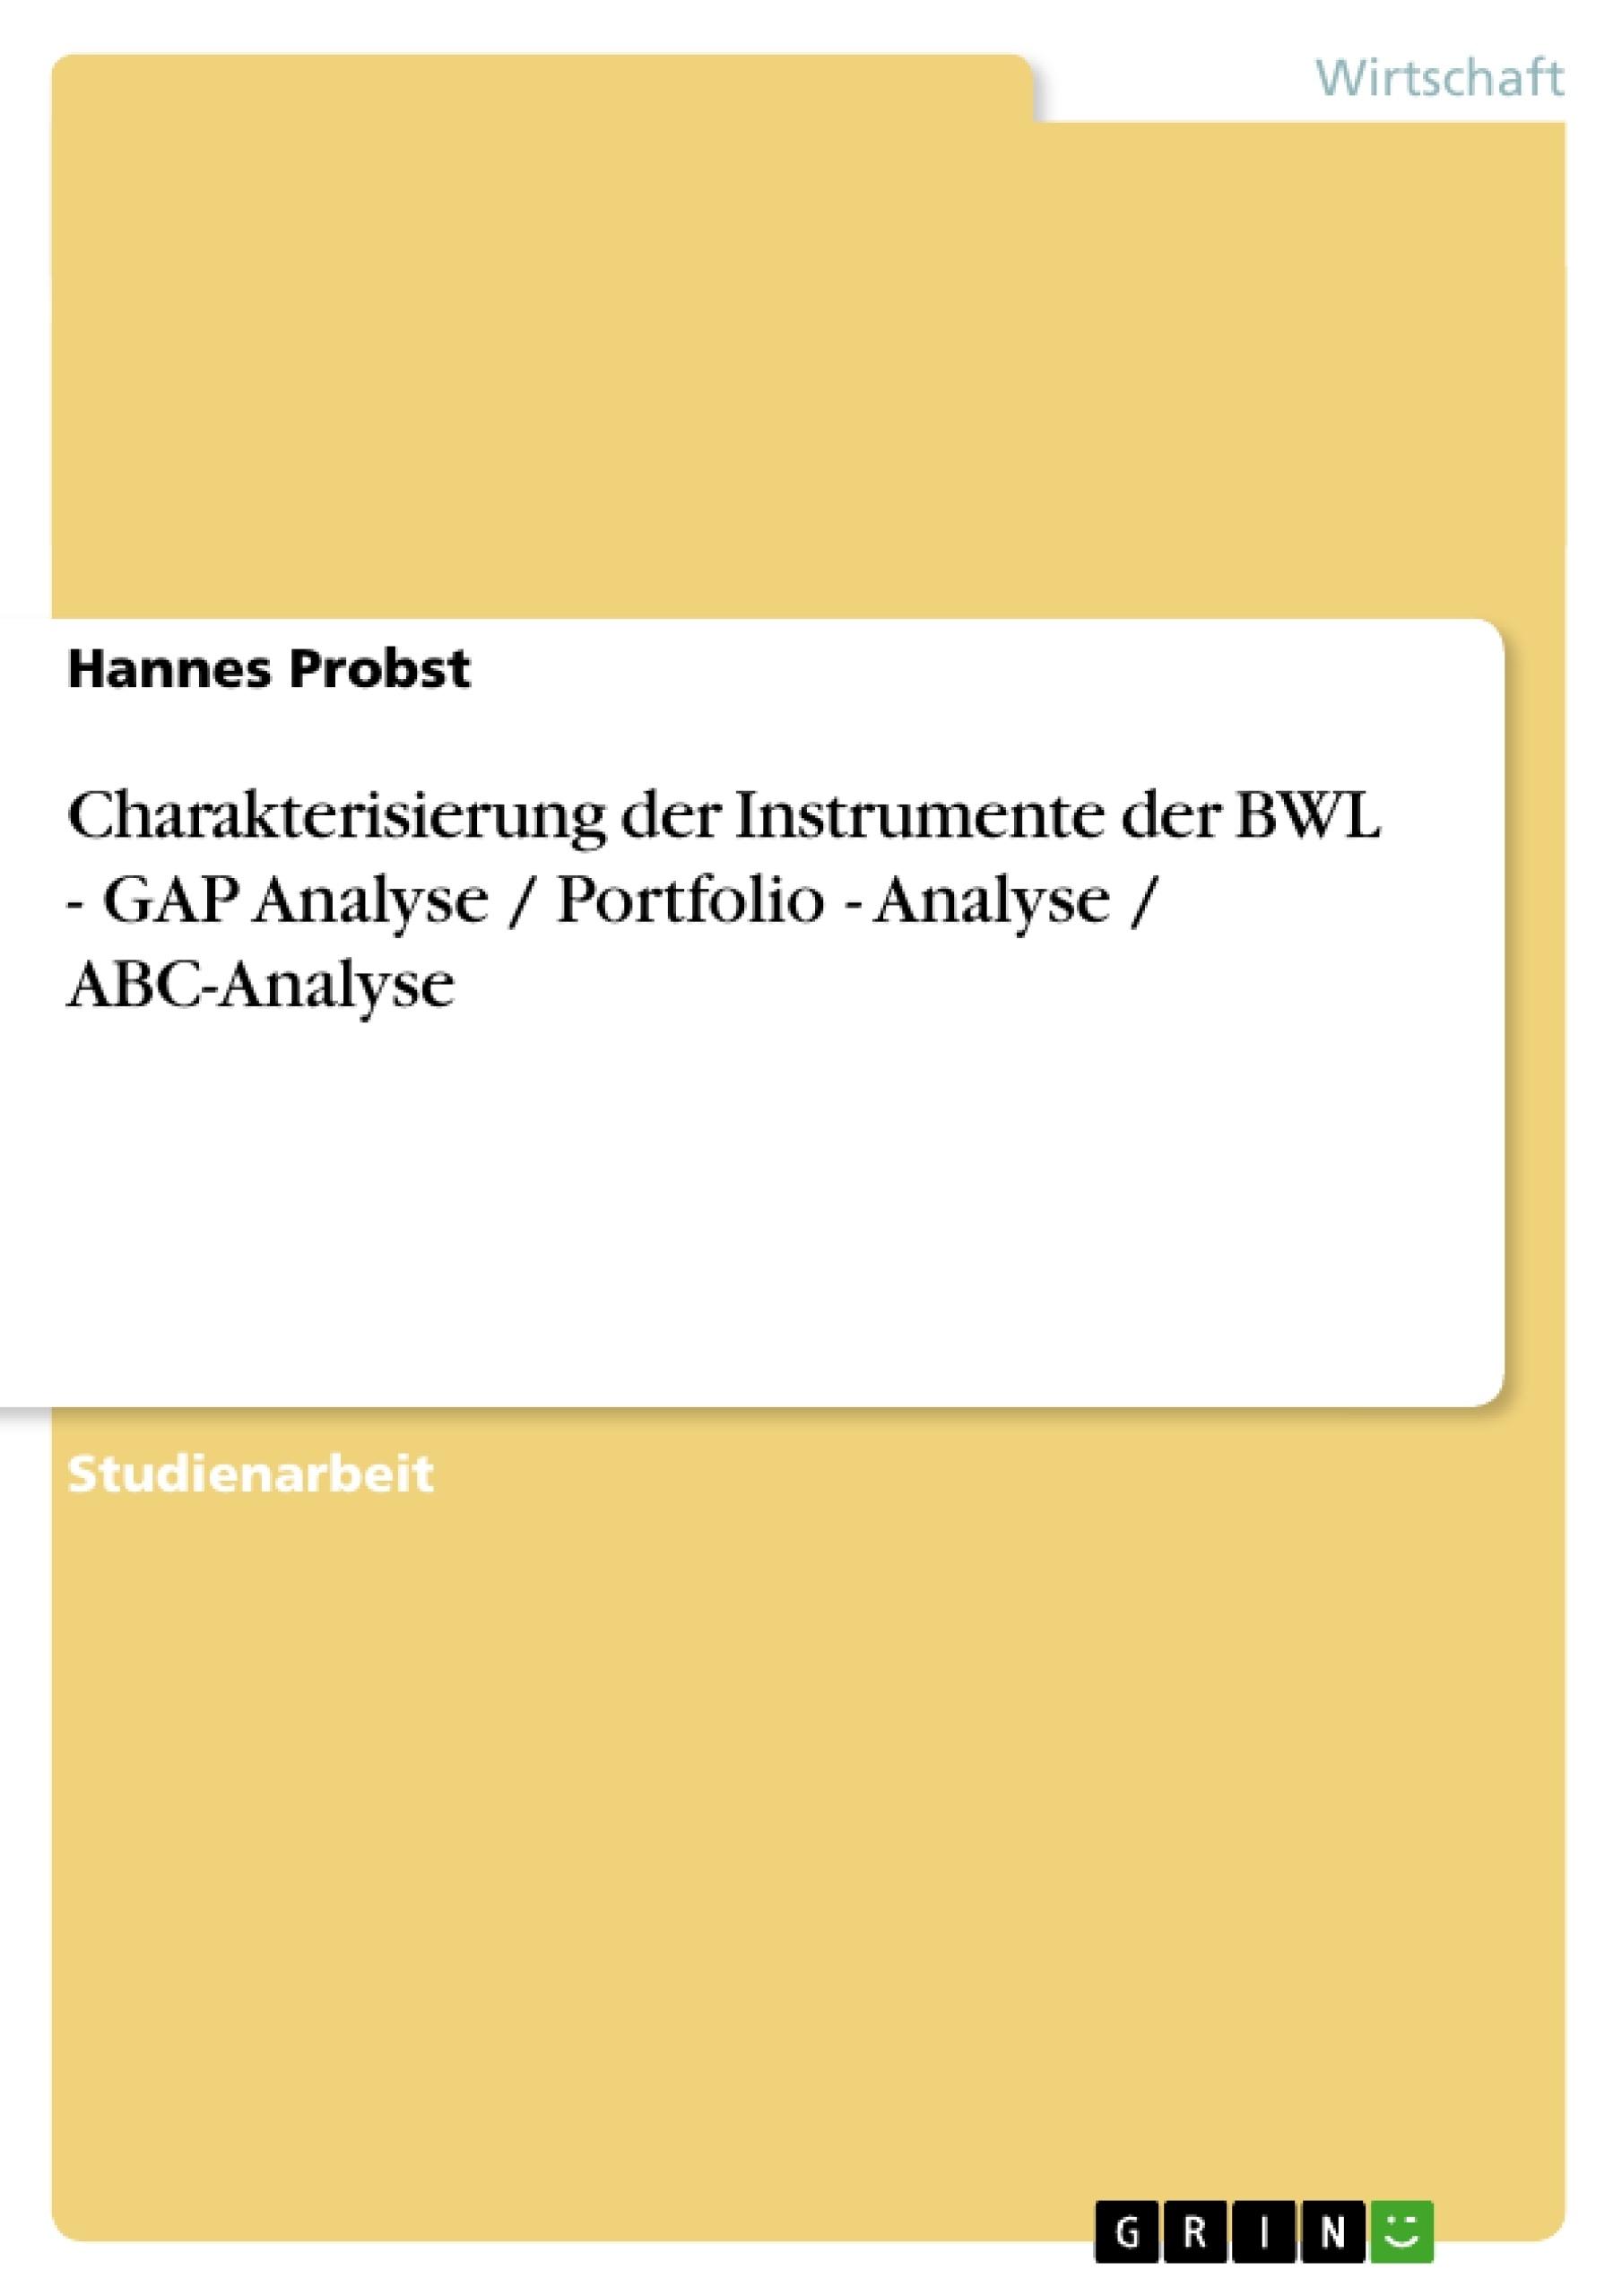 Titel: Charakterisierung der Instrumente der BWL - GAP Analyse / Portfolio - Analyse / ABC-Analyse